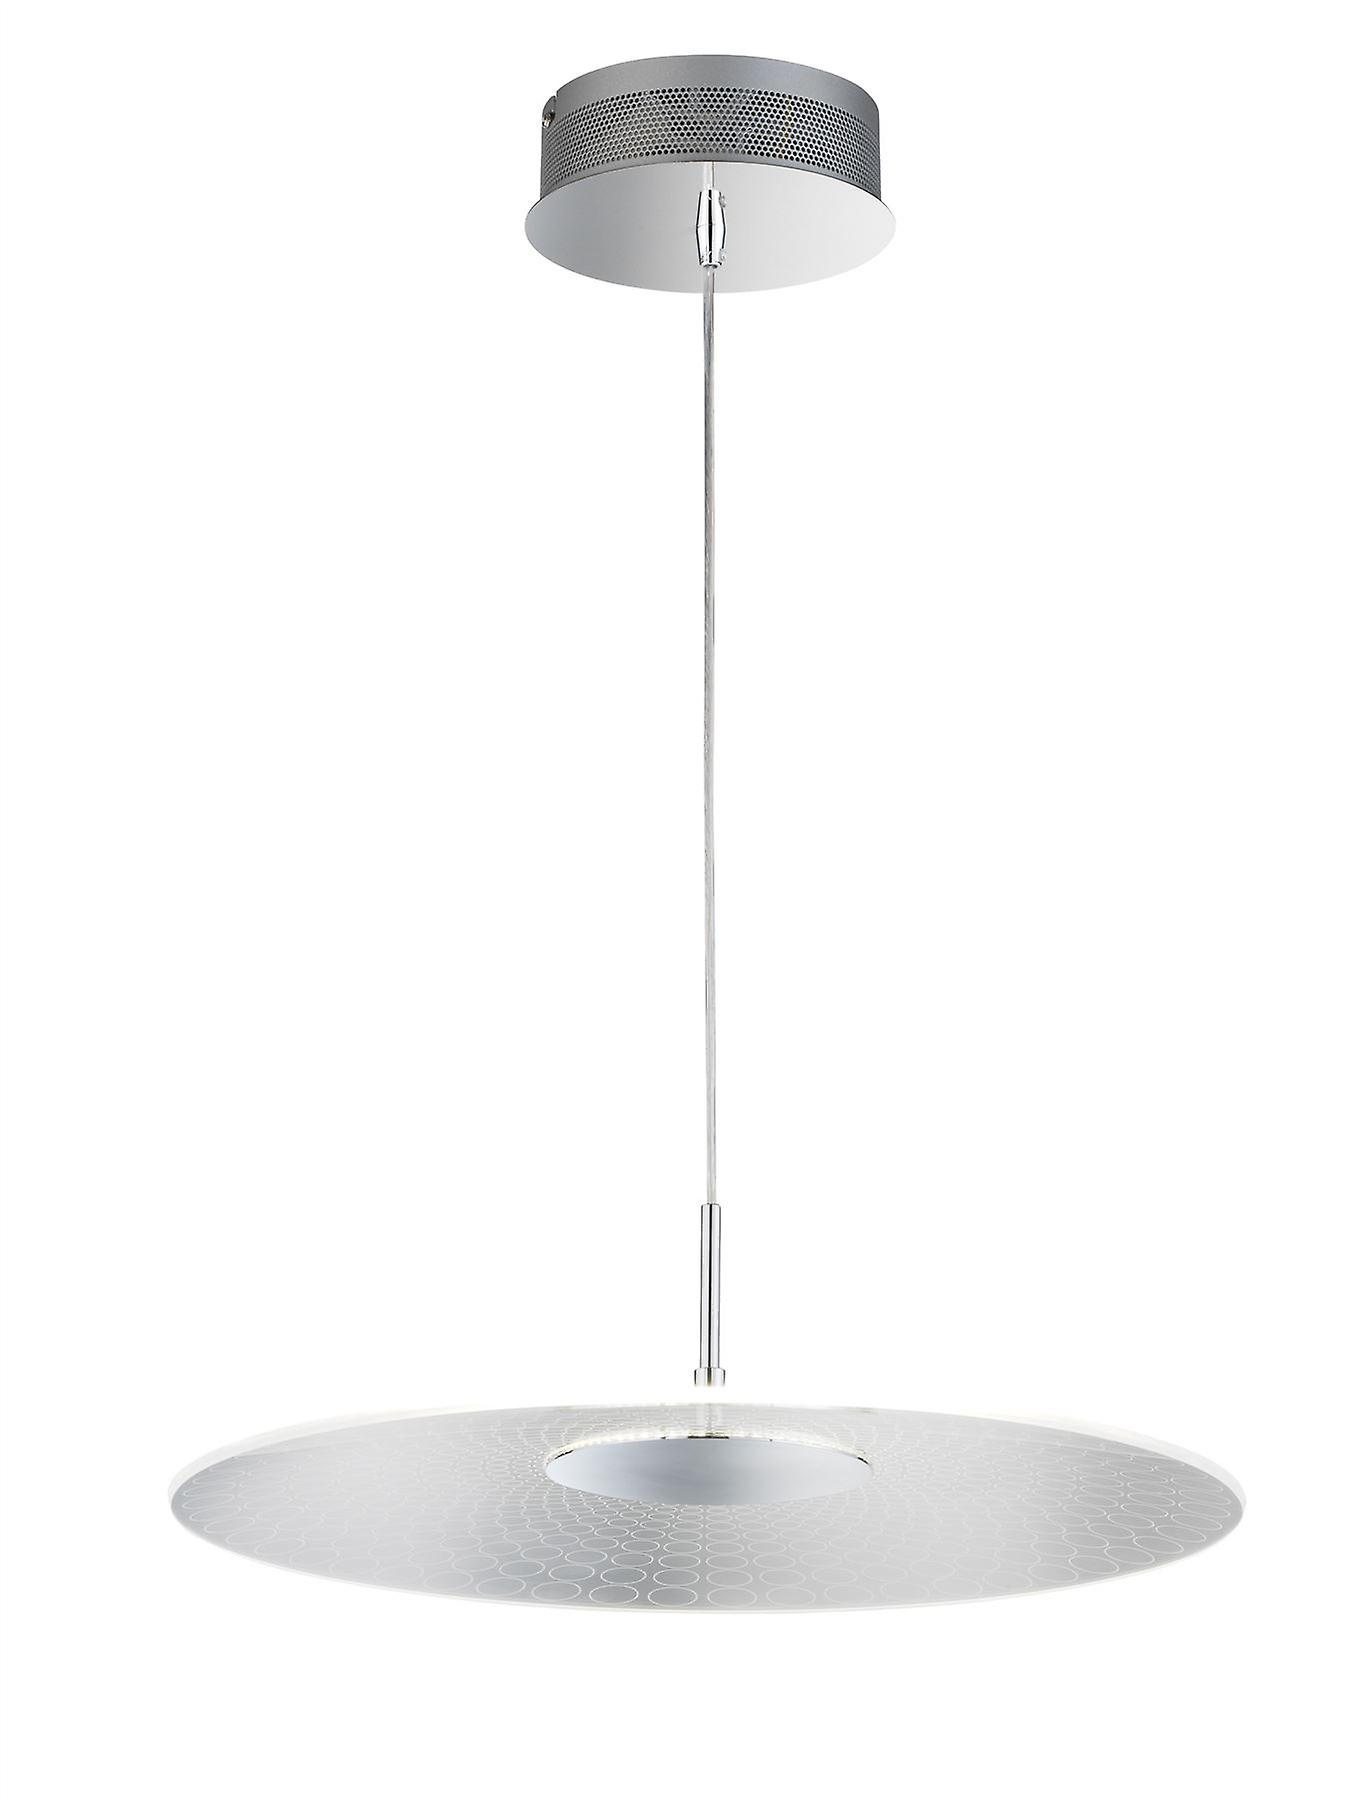 Wofi Coco - LED 1 Light Pendant Light Chrome - 6405.01.01.7000